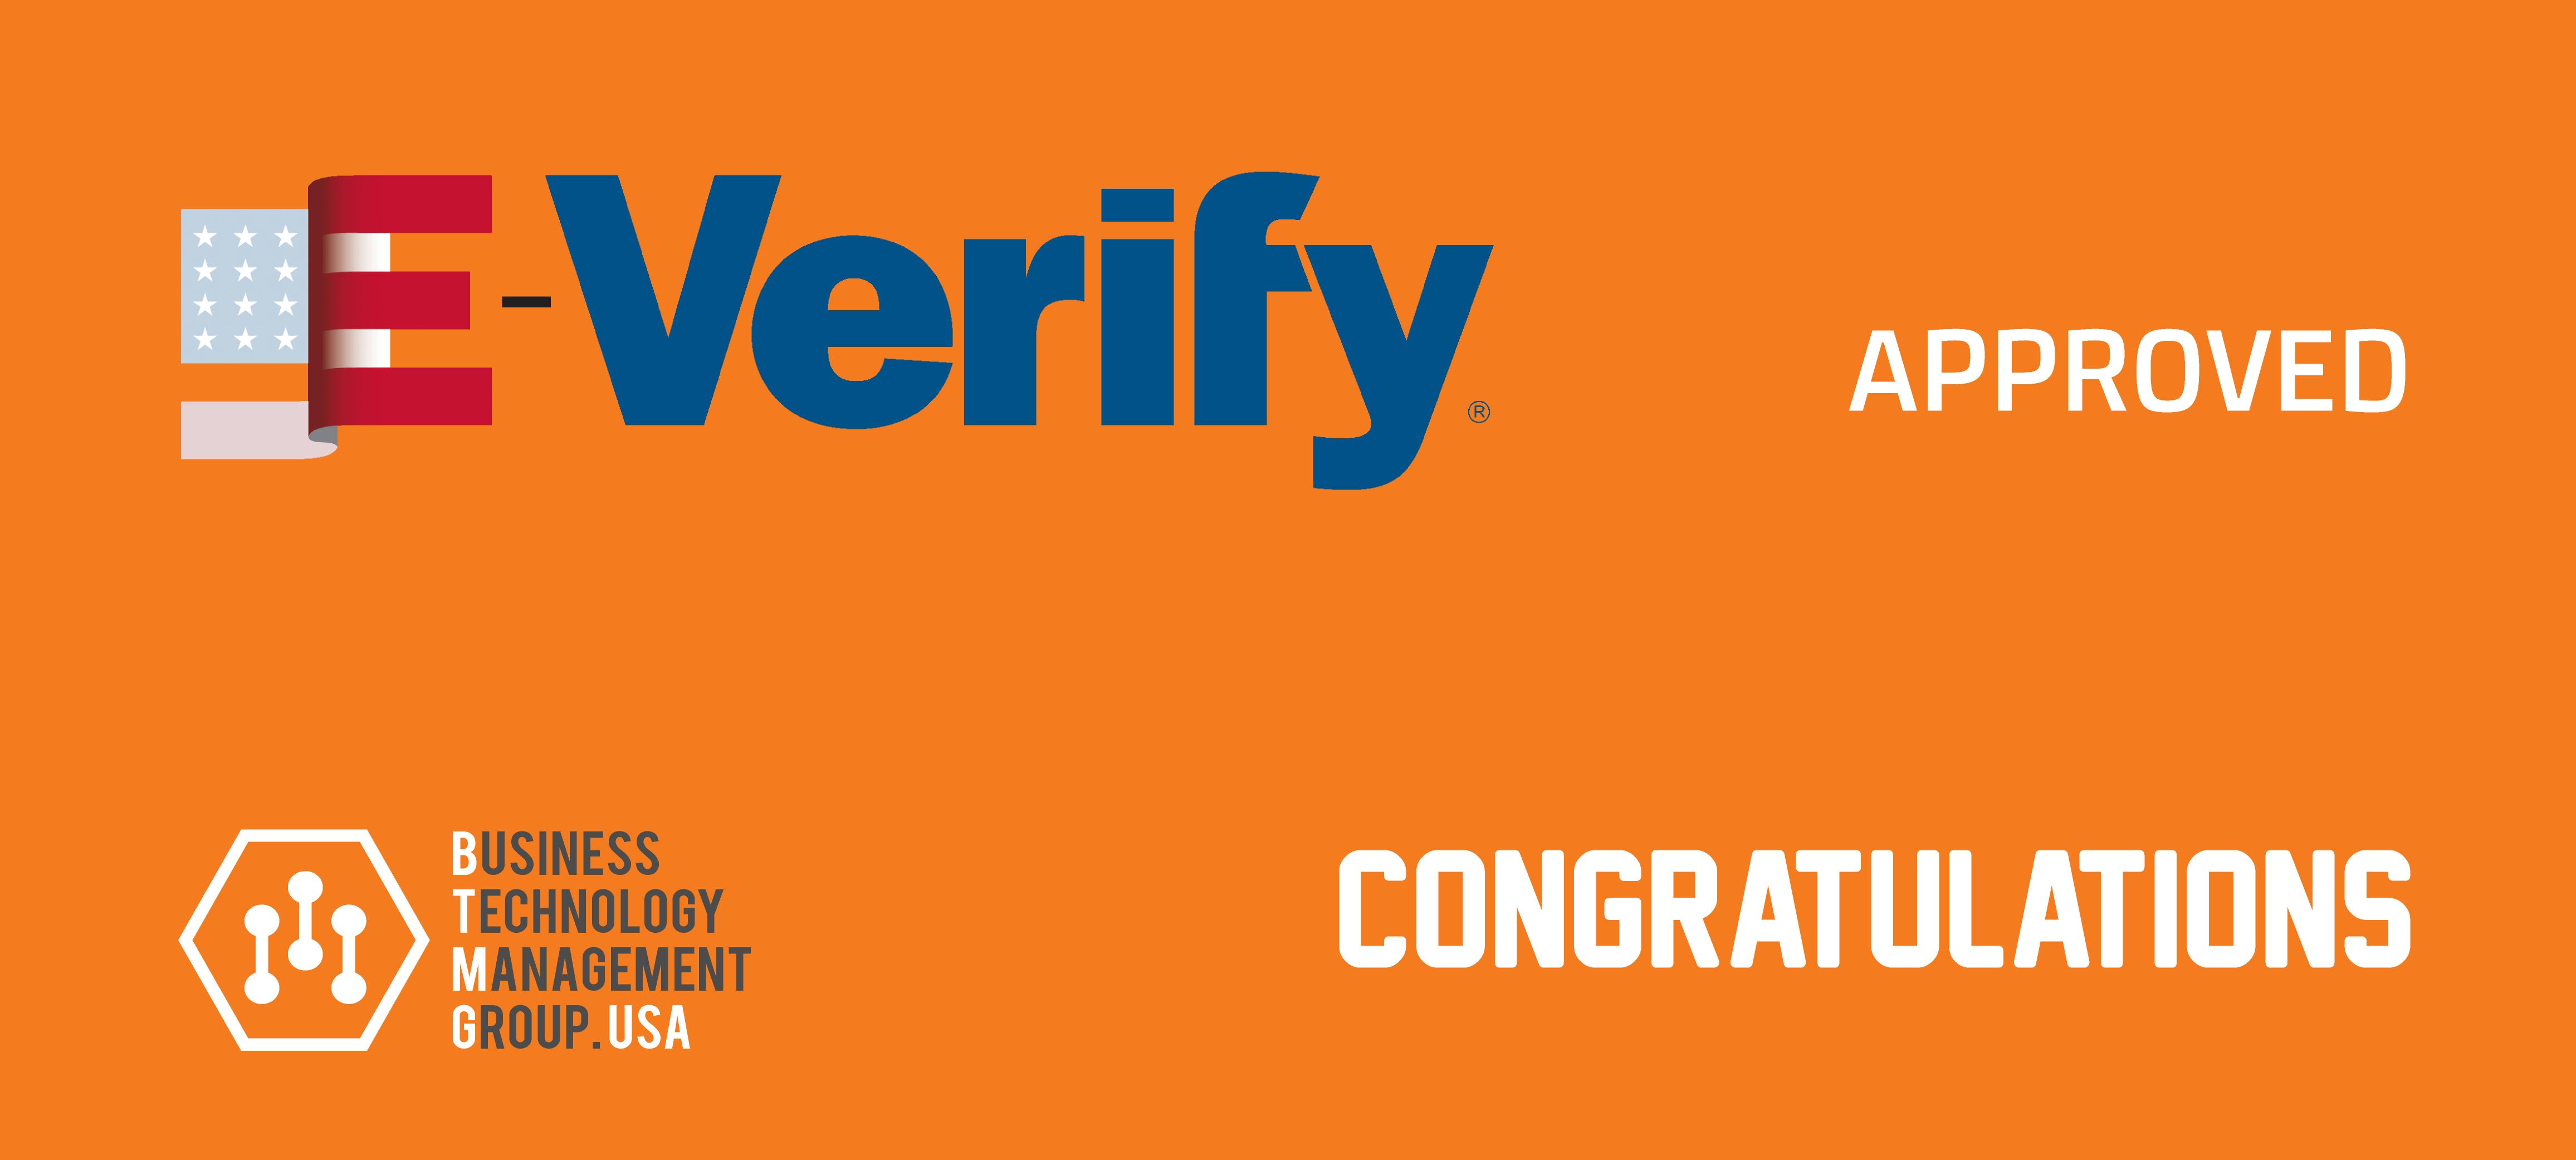 e-verify-banner-1110x550-partners-banner-01